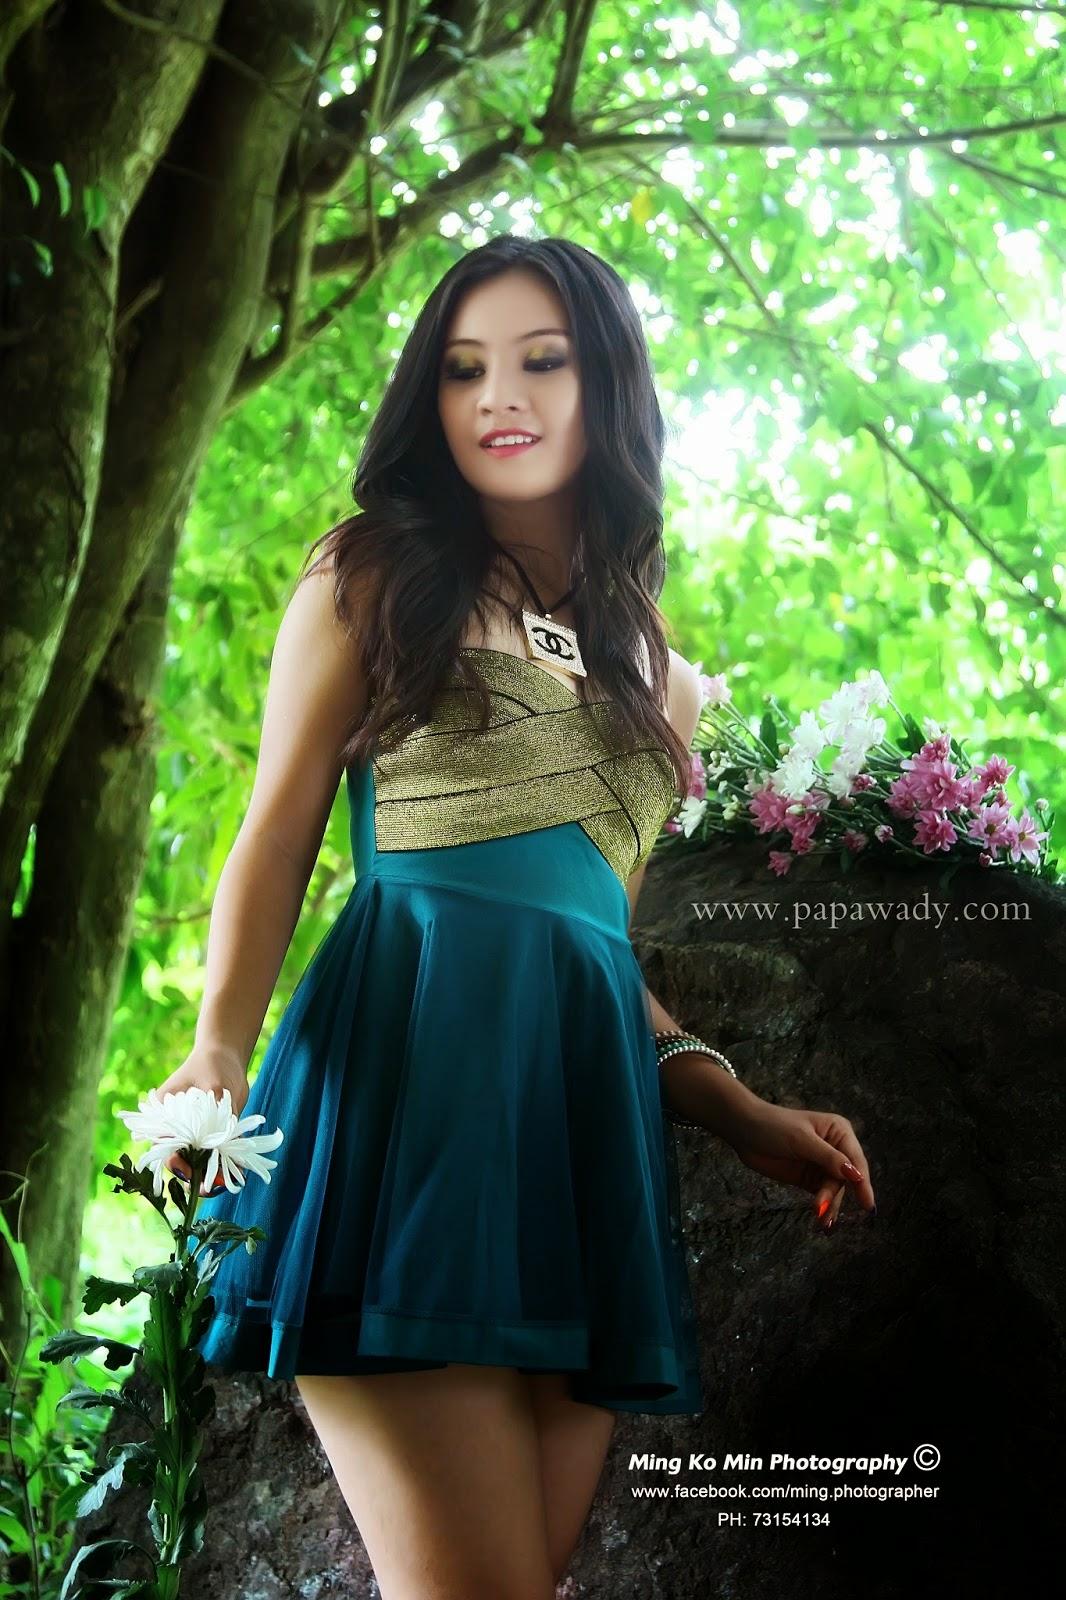 Myanmar Model Girl in 2020 | Model girl photo, Model